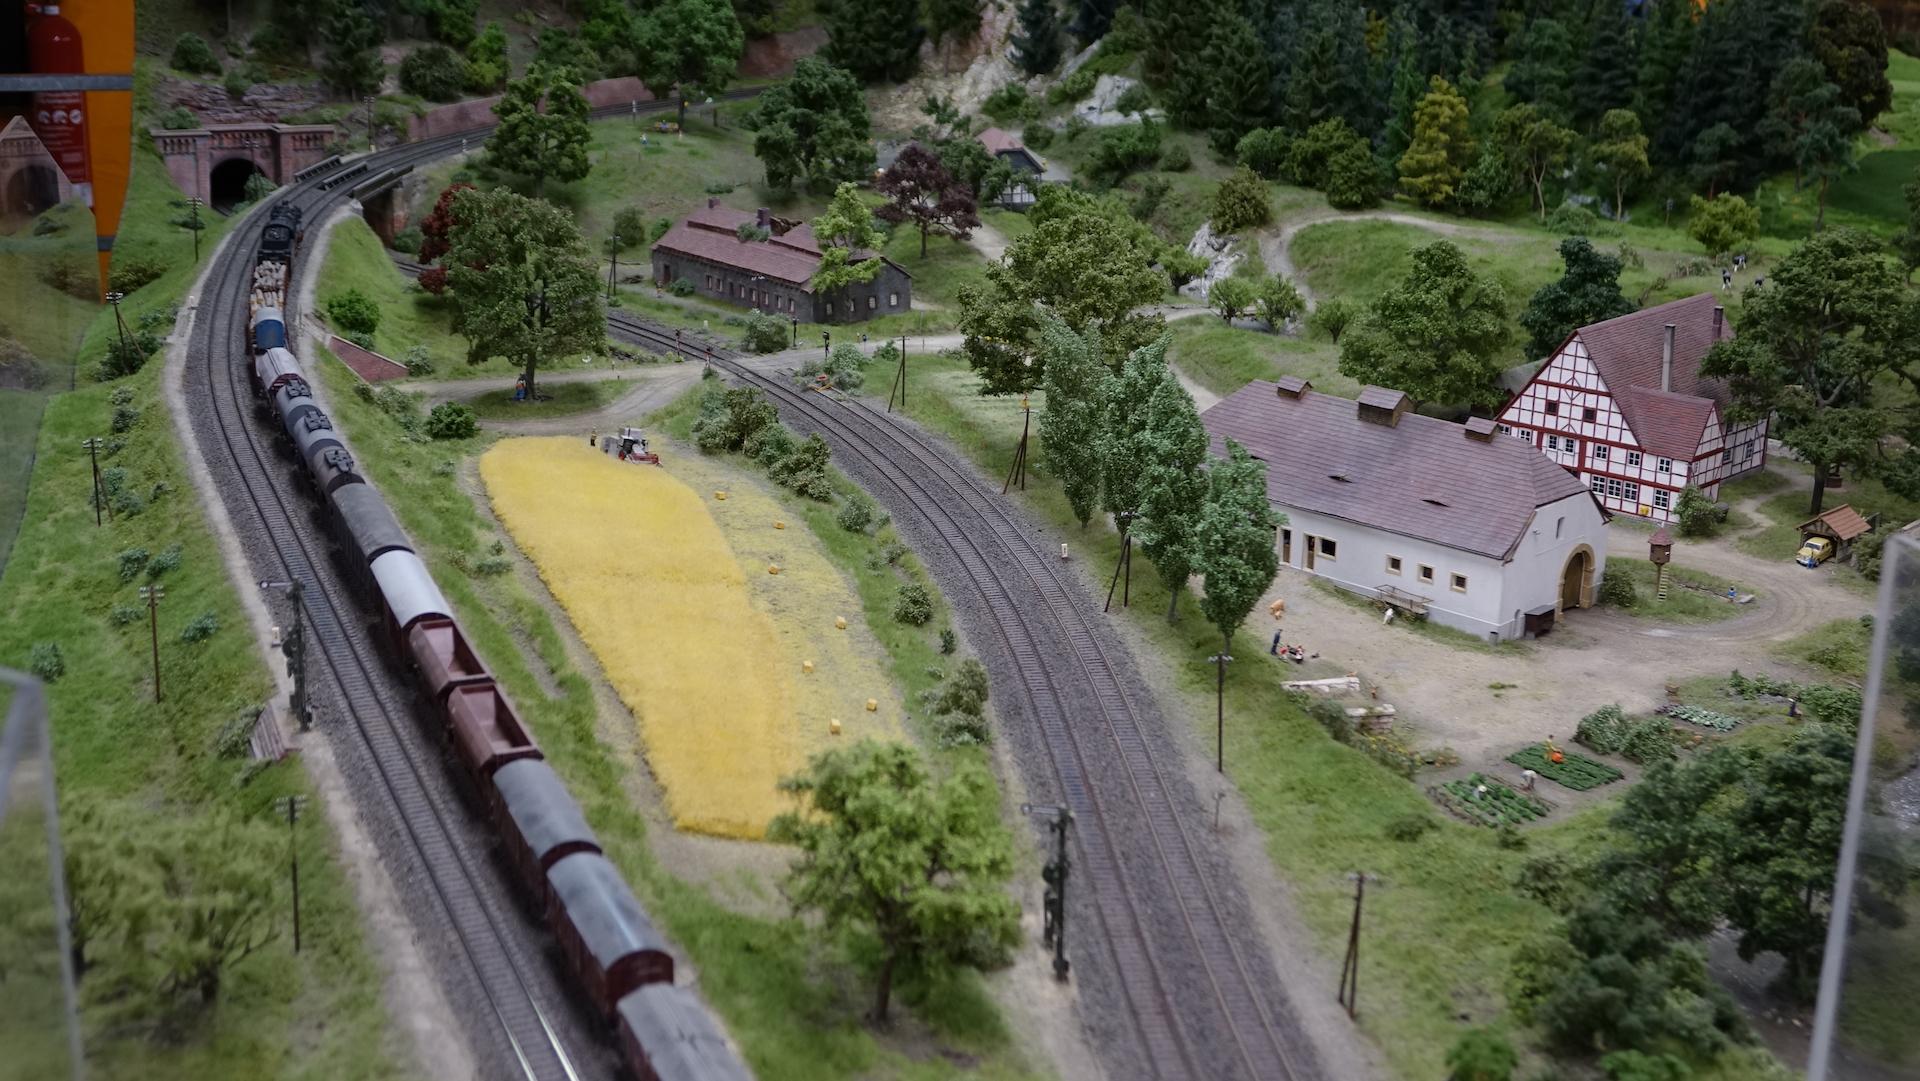 17_06_04_Modellbundesbahn_001